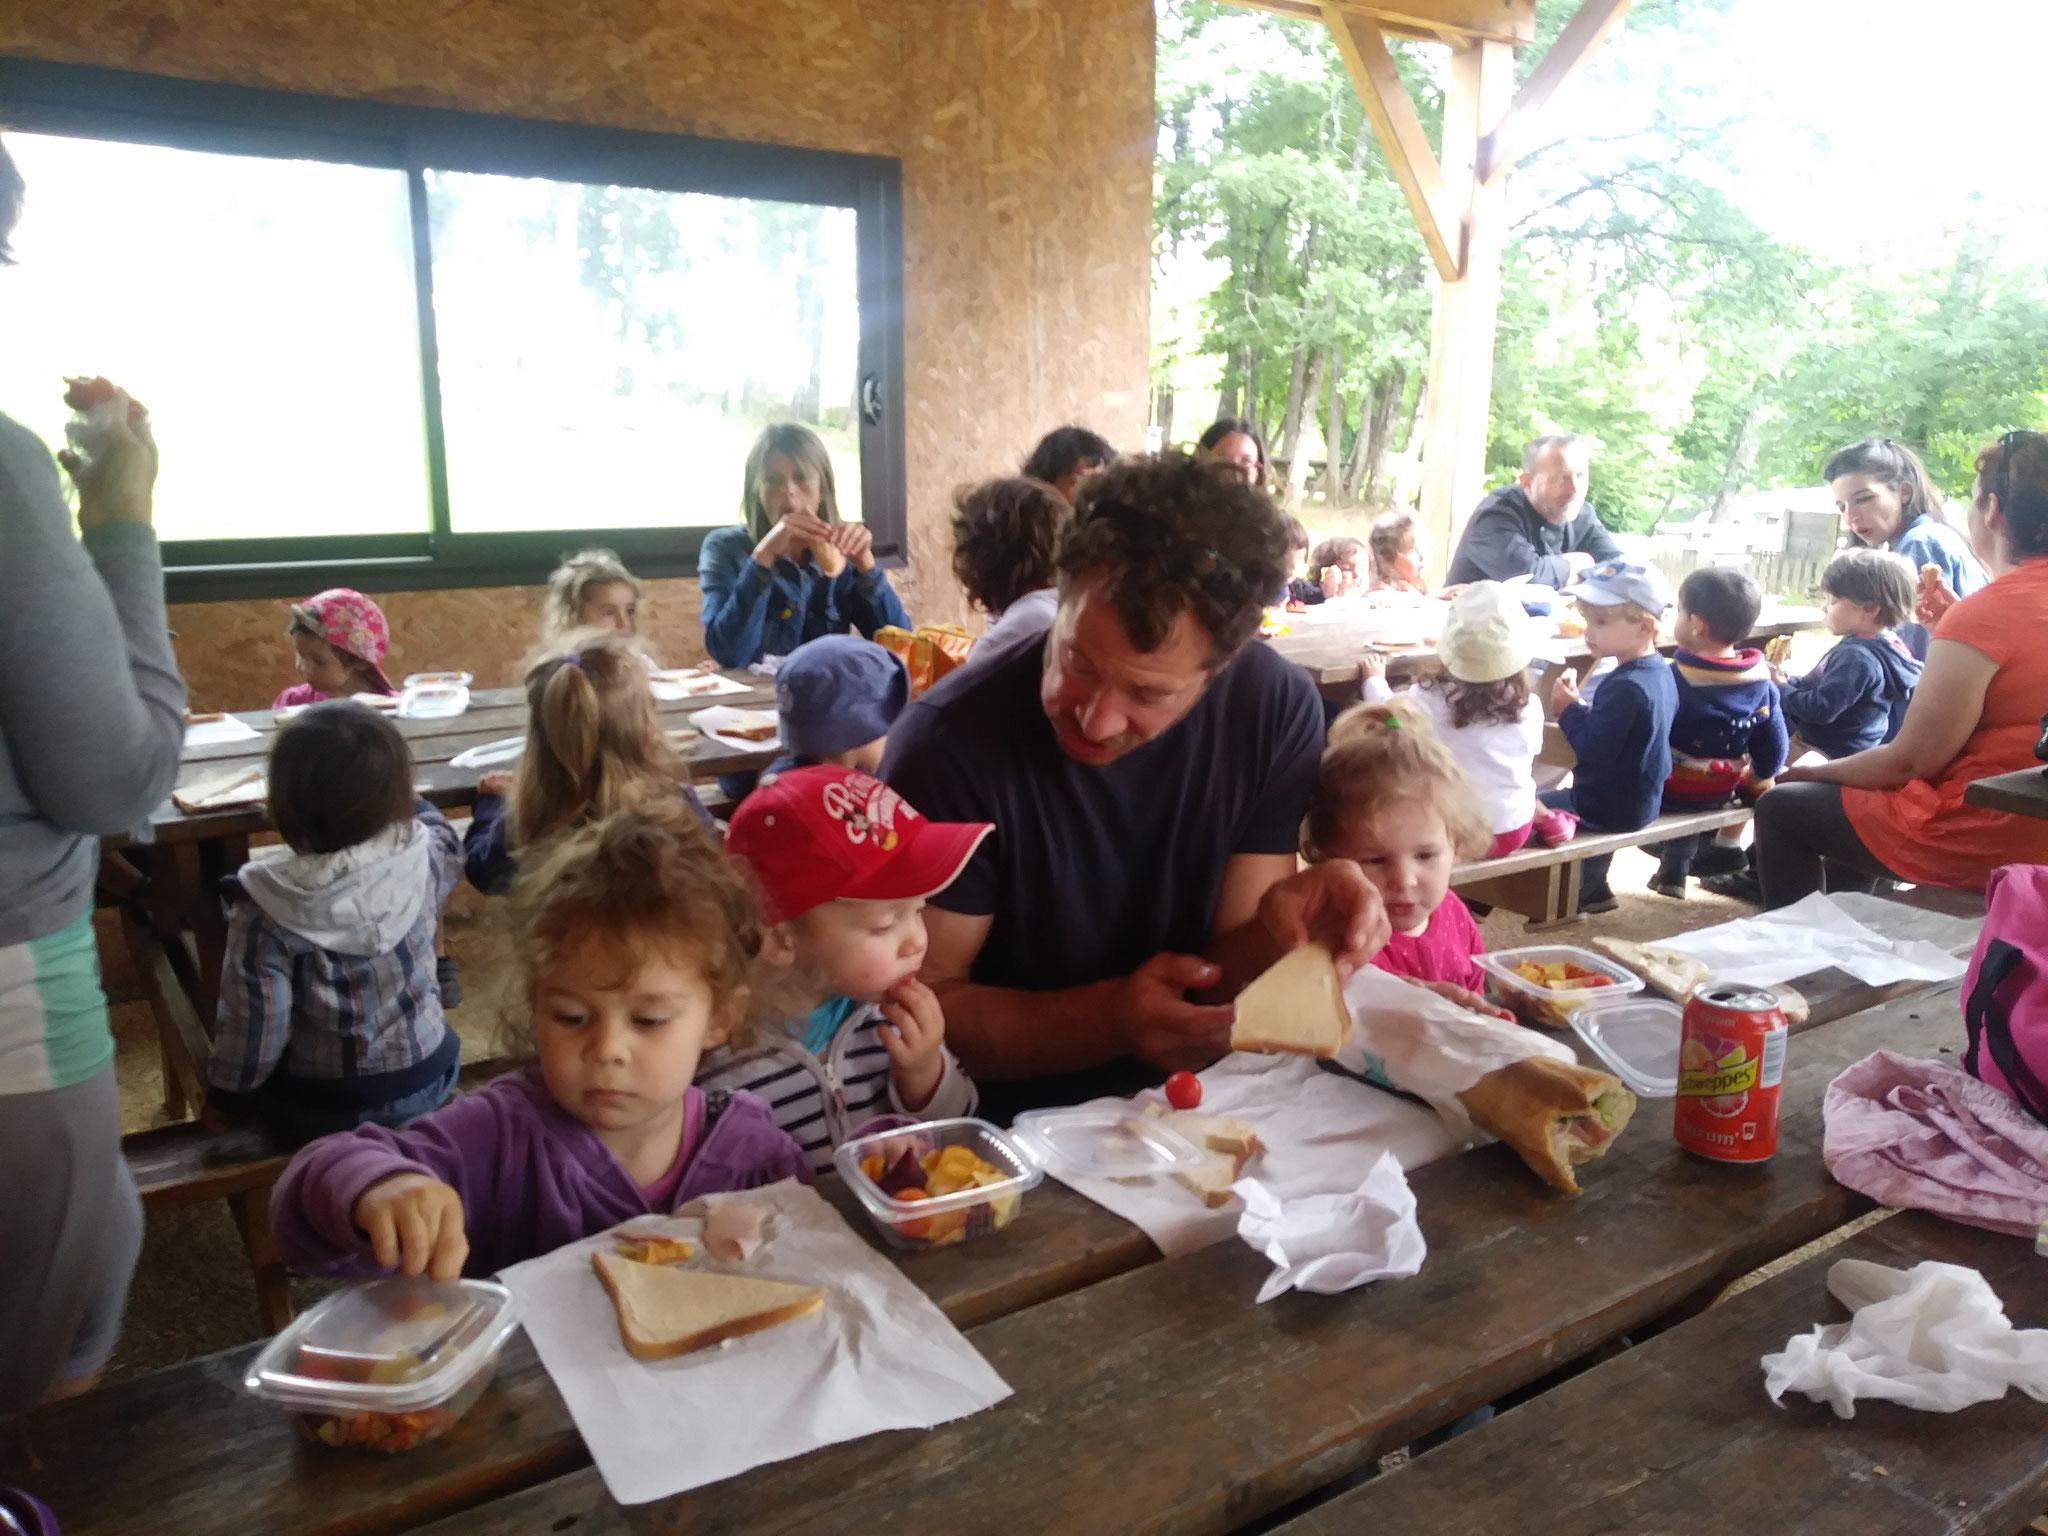 Sortie de fin d'année au Thot avec le multi accueil et la crèche familiale